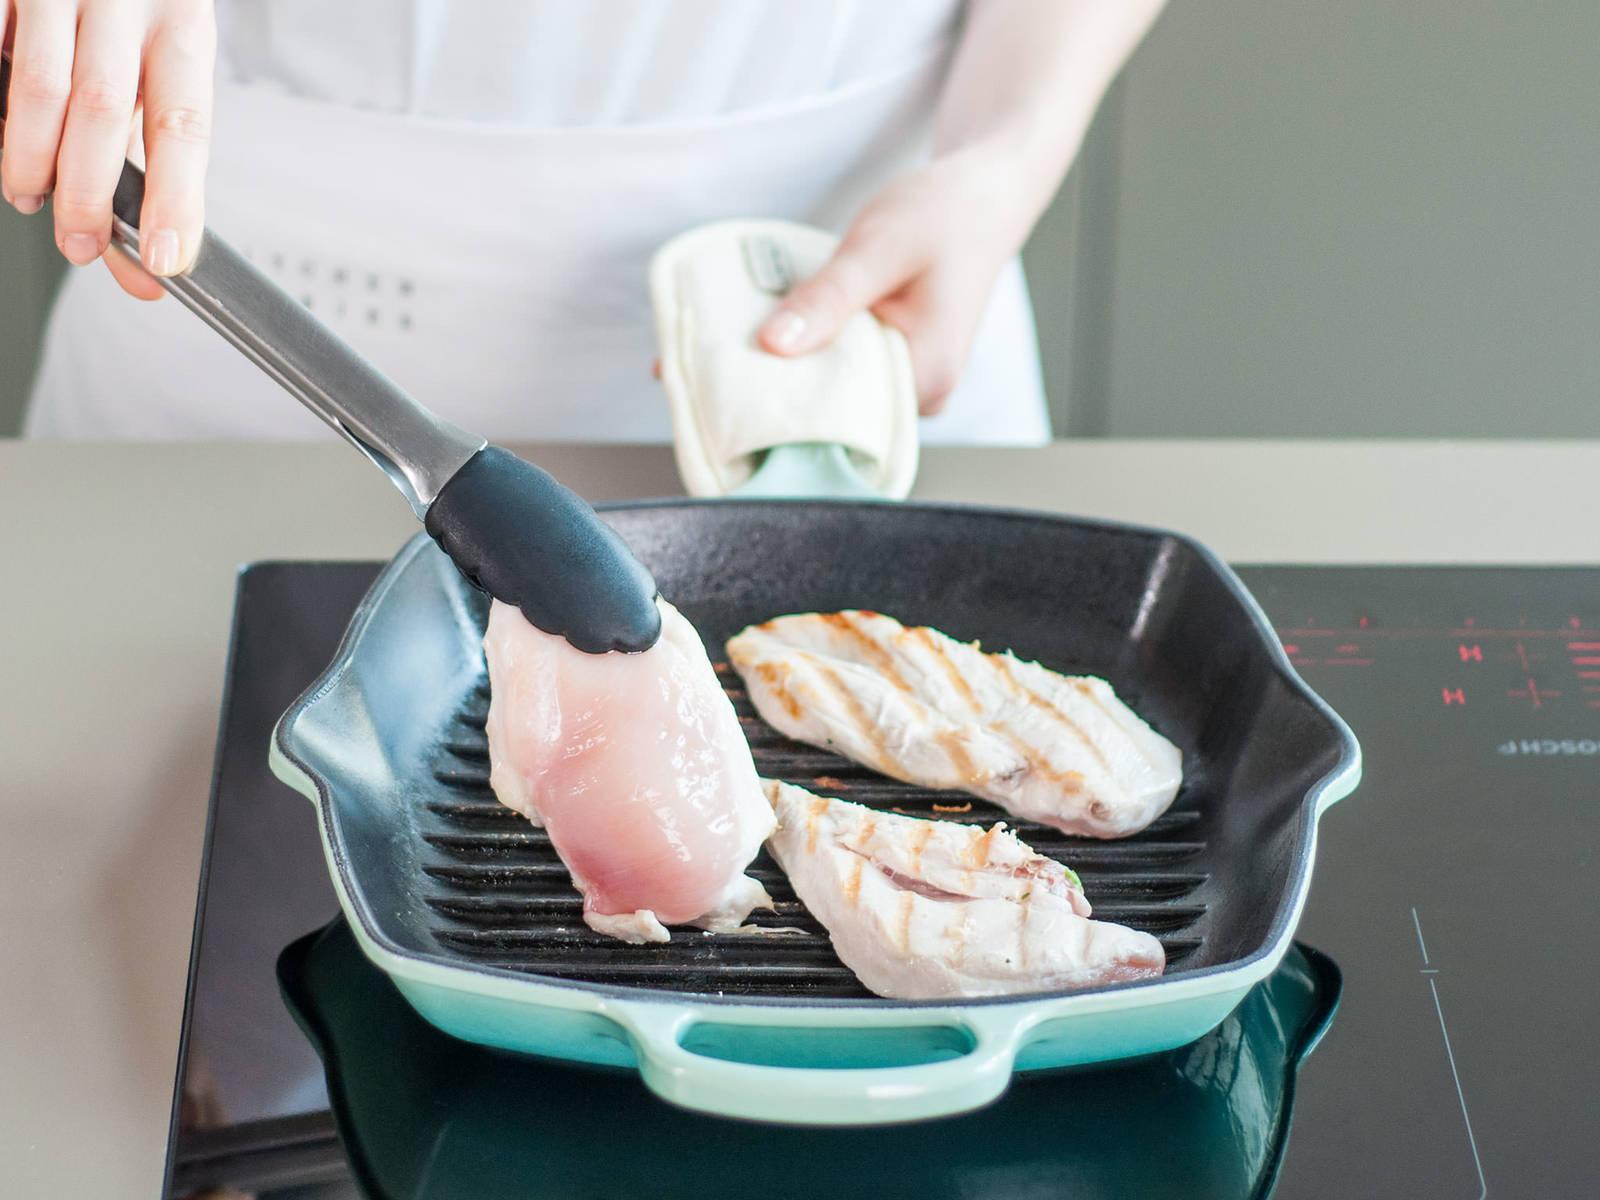 中高火加热煎锅,如有需要,可刷上些许油。热好锅后,即可开始烤鸡肉片,翻面一次,直至完全烤熟。每面约需煎5分钟。